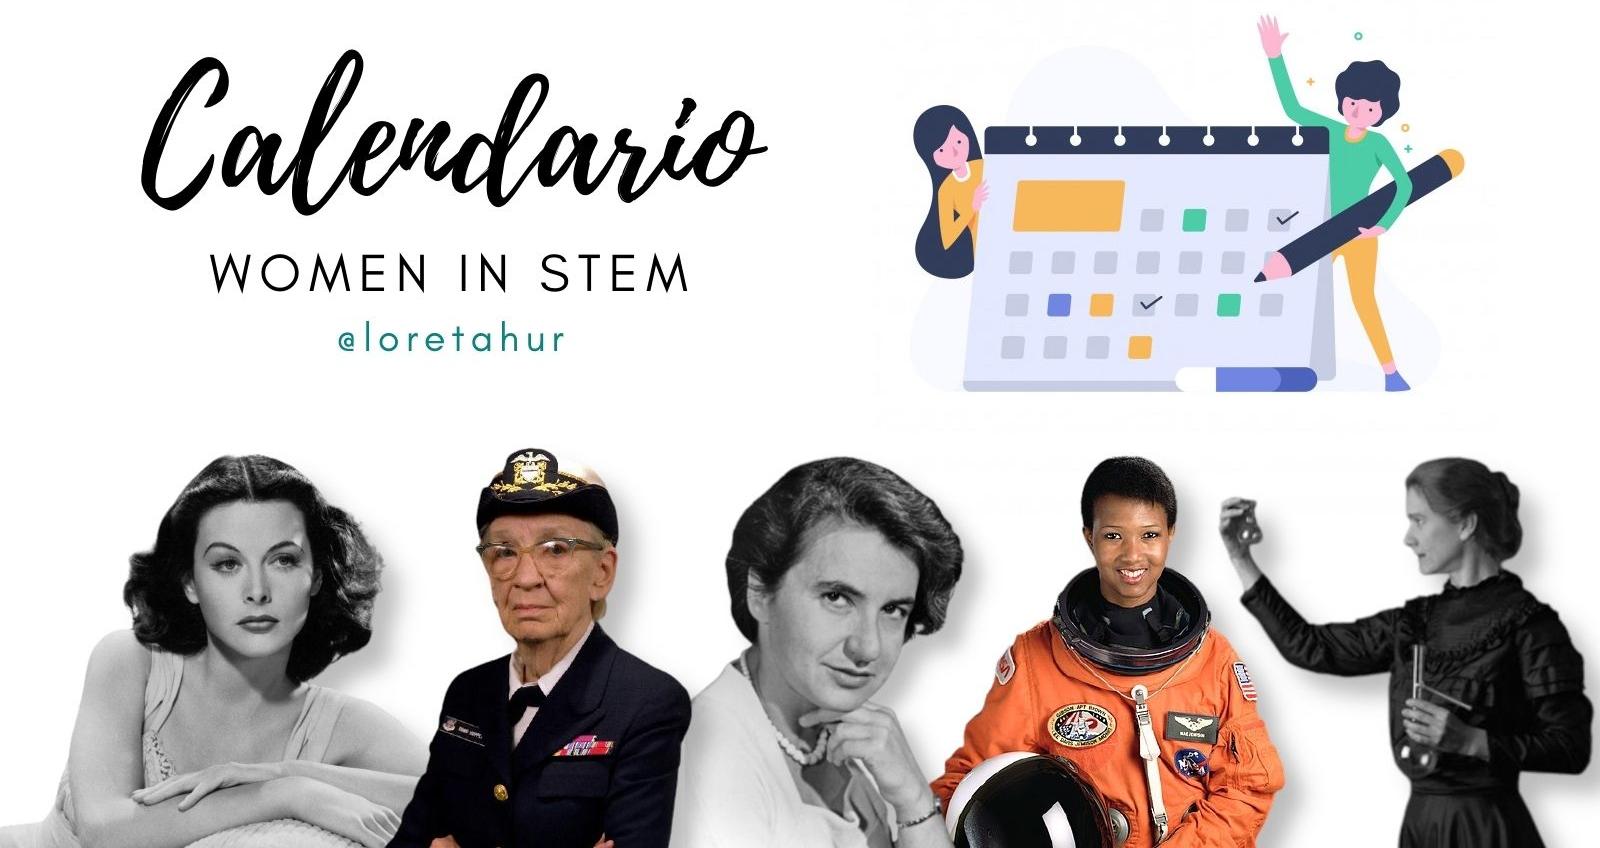 Calendario de las mujeres STEM